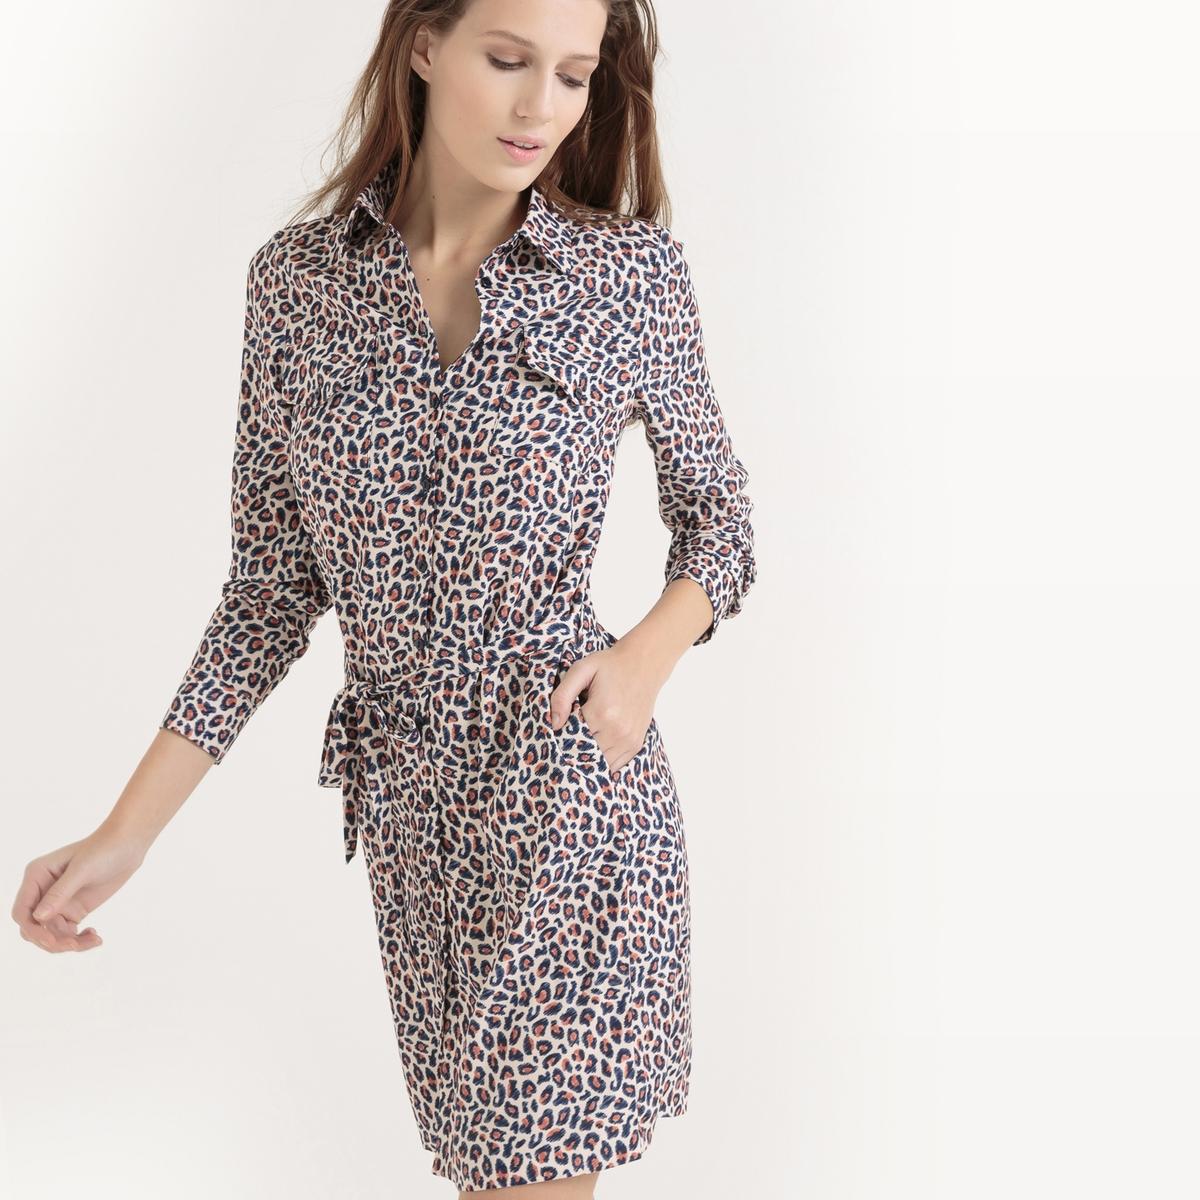 Платье-рубашка с леопардовым принтомПлатье-рубашка с леопардовым принтом  . Прямой покрой с поясом на шлевках и завязками . Длинные рукава и манжеты с застежкой на пуговицы. Застежка на пуговицы спереди. 2 нагрудных кармана с клапаном на пуговице. Состав и описаниеМатериал : 100% полиэстерДлина : 95 смМарка : atelier R.Уход:Машинная стирка при 30°C Стирать вместе с одеждой подобных цветов - Стирать и гладить с изнаночной стороны. Барабанная сушка запрещена Гладить при низкой температуре.<br><br>Цвет: леопардовый рисунок<br>Размер: 46 (FR) - 52 (RUS).44 (FR) - 50 (RUS).38 (FR) - 44 (RUS)